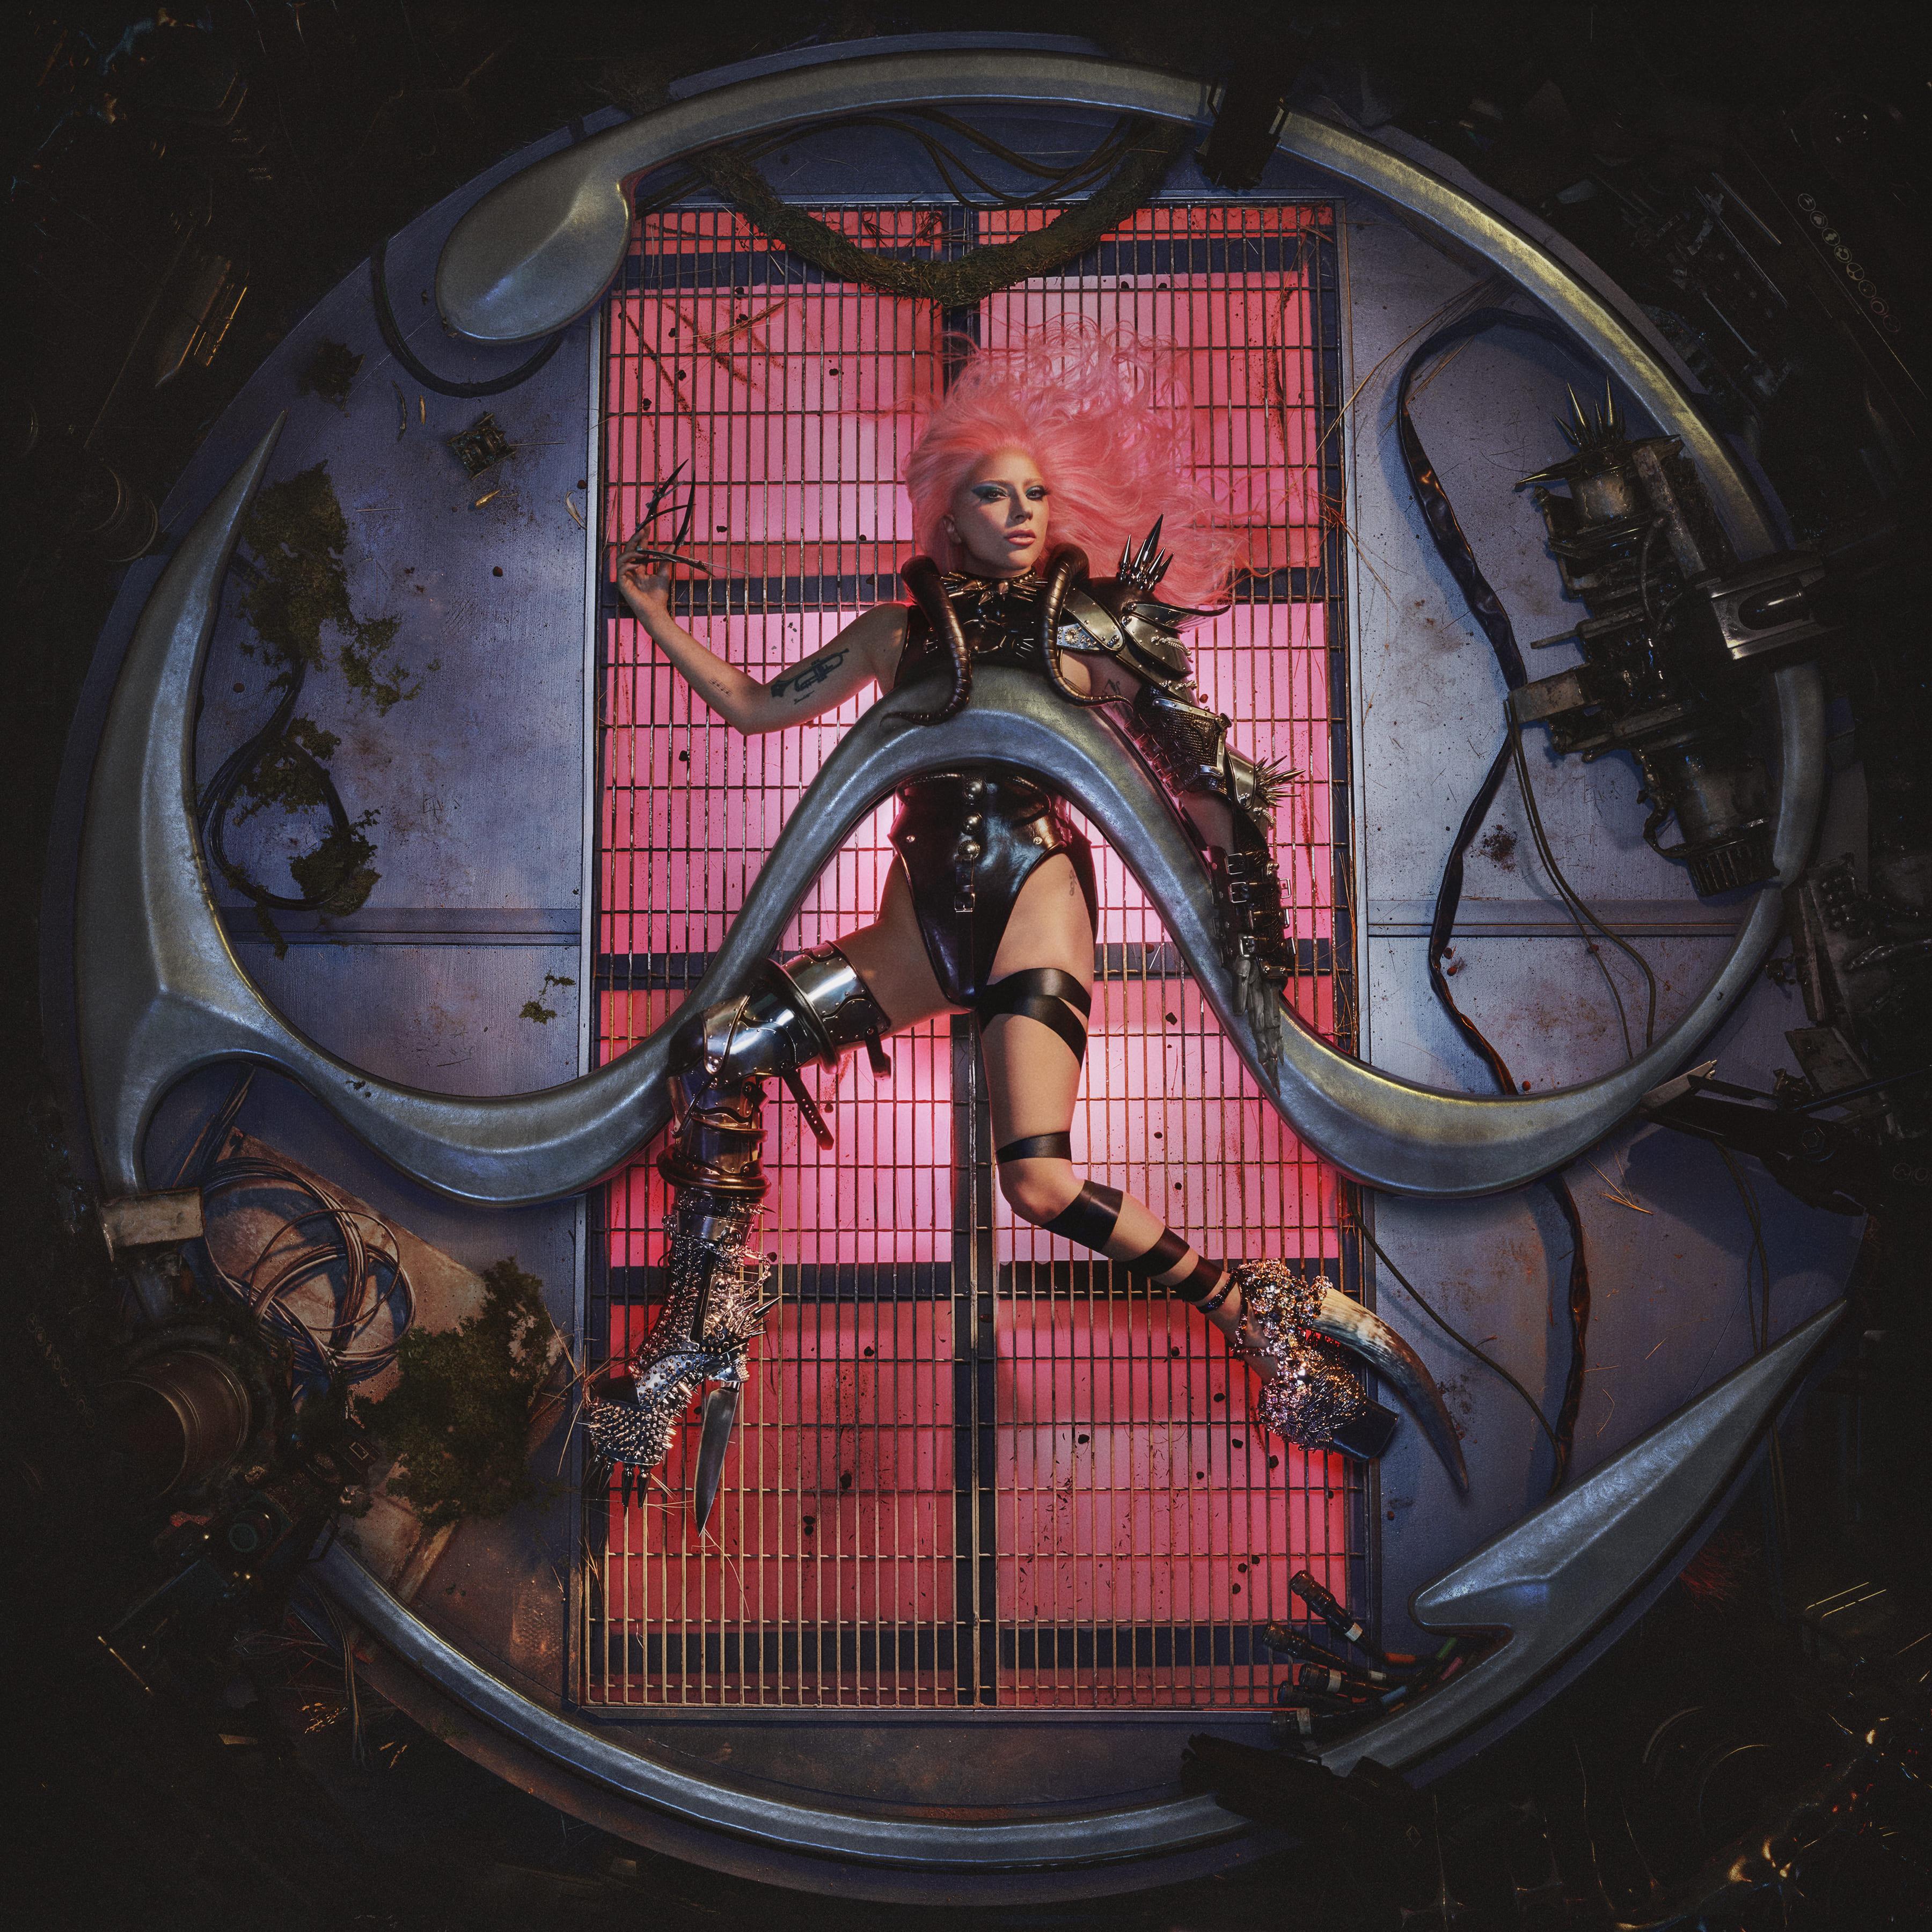 Bìa chính thức của album Chromatica.